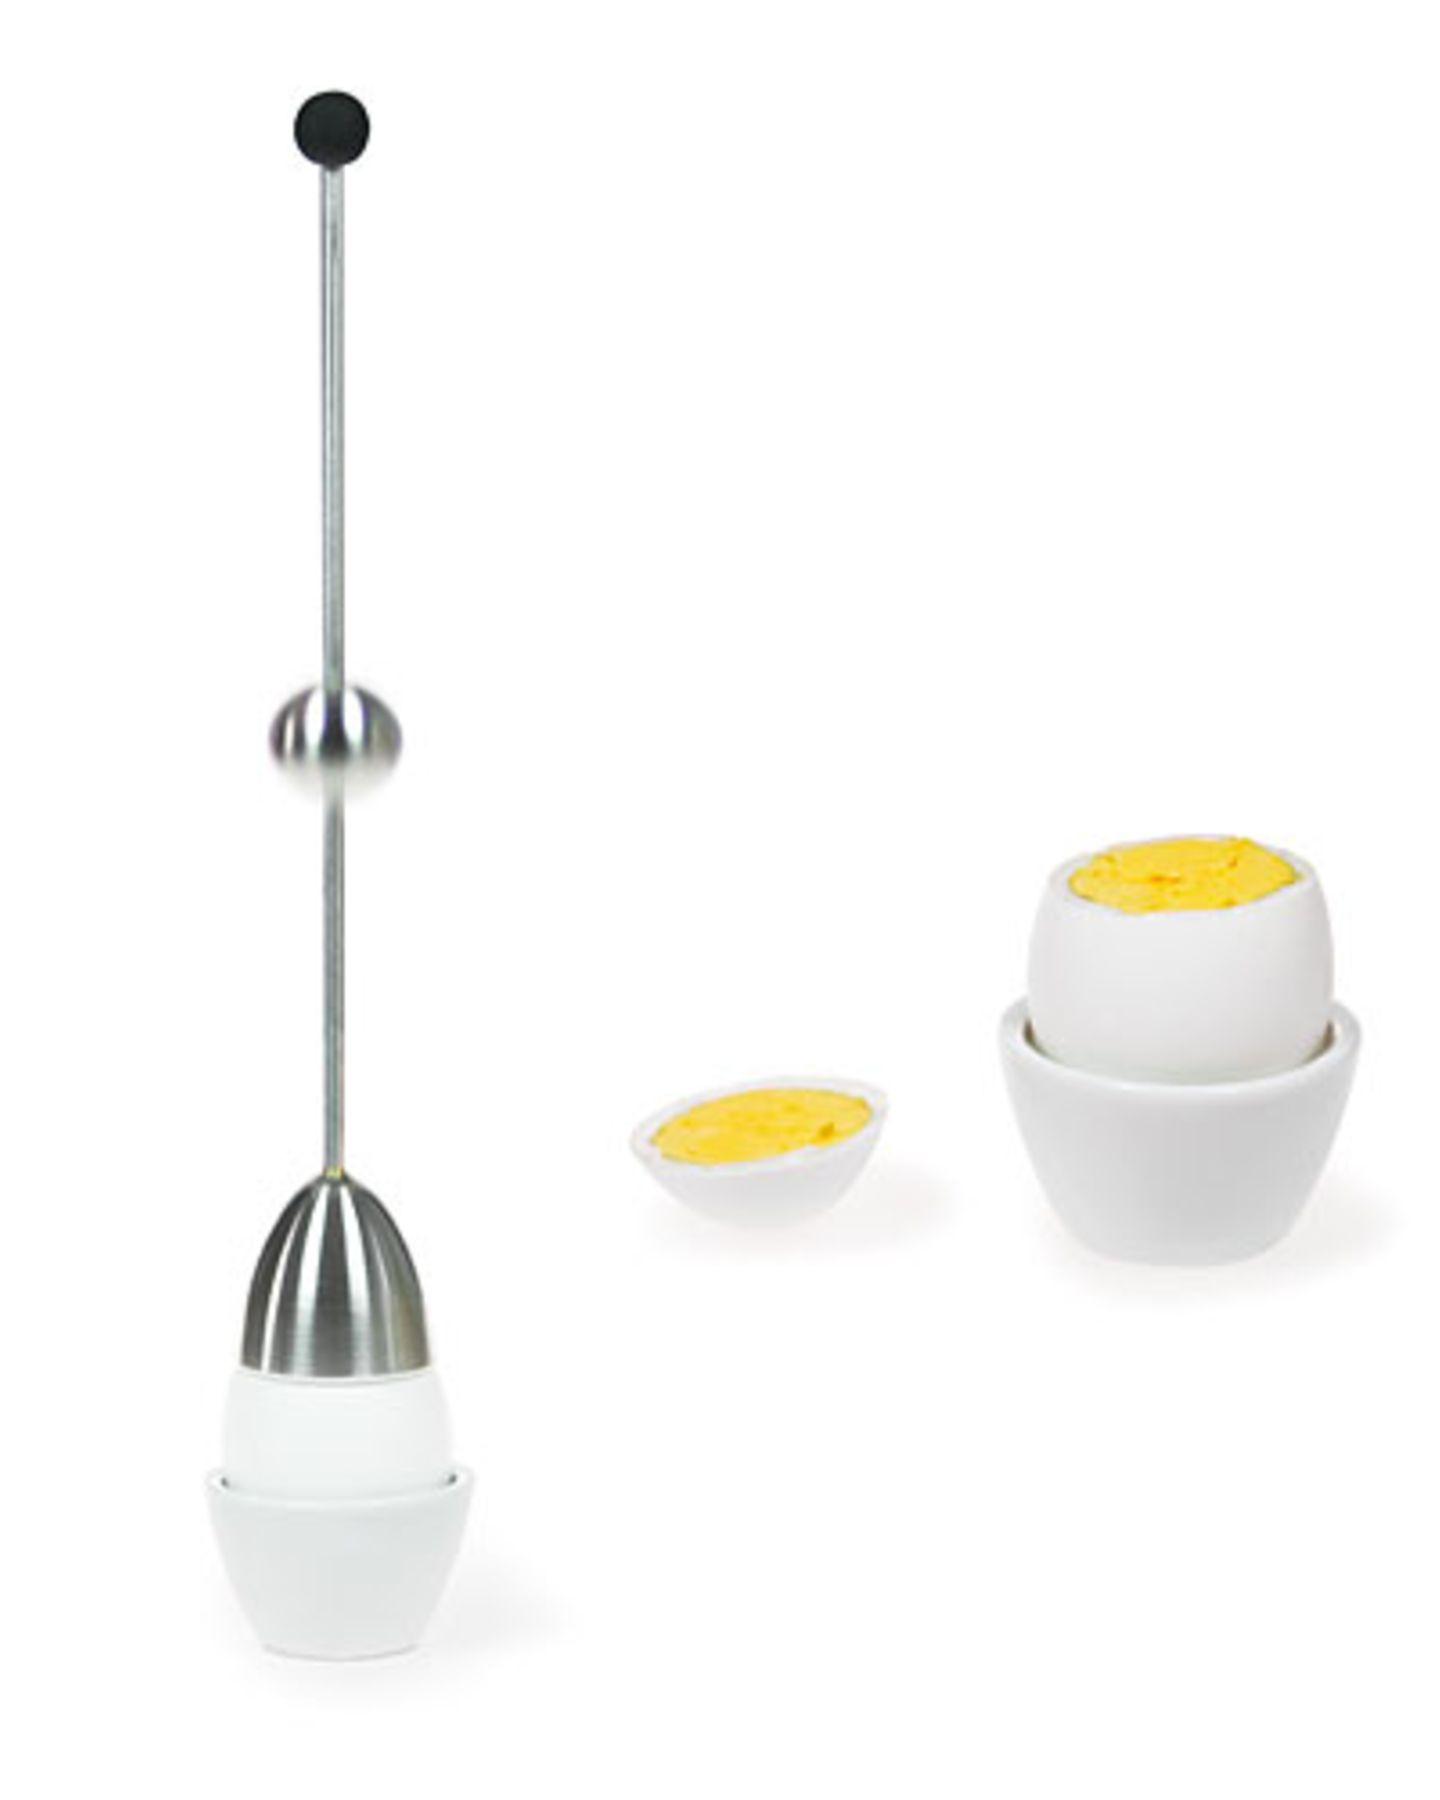 Eiersollbruchstellenverursacher